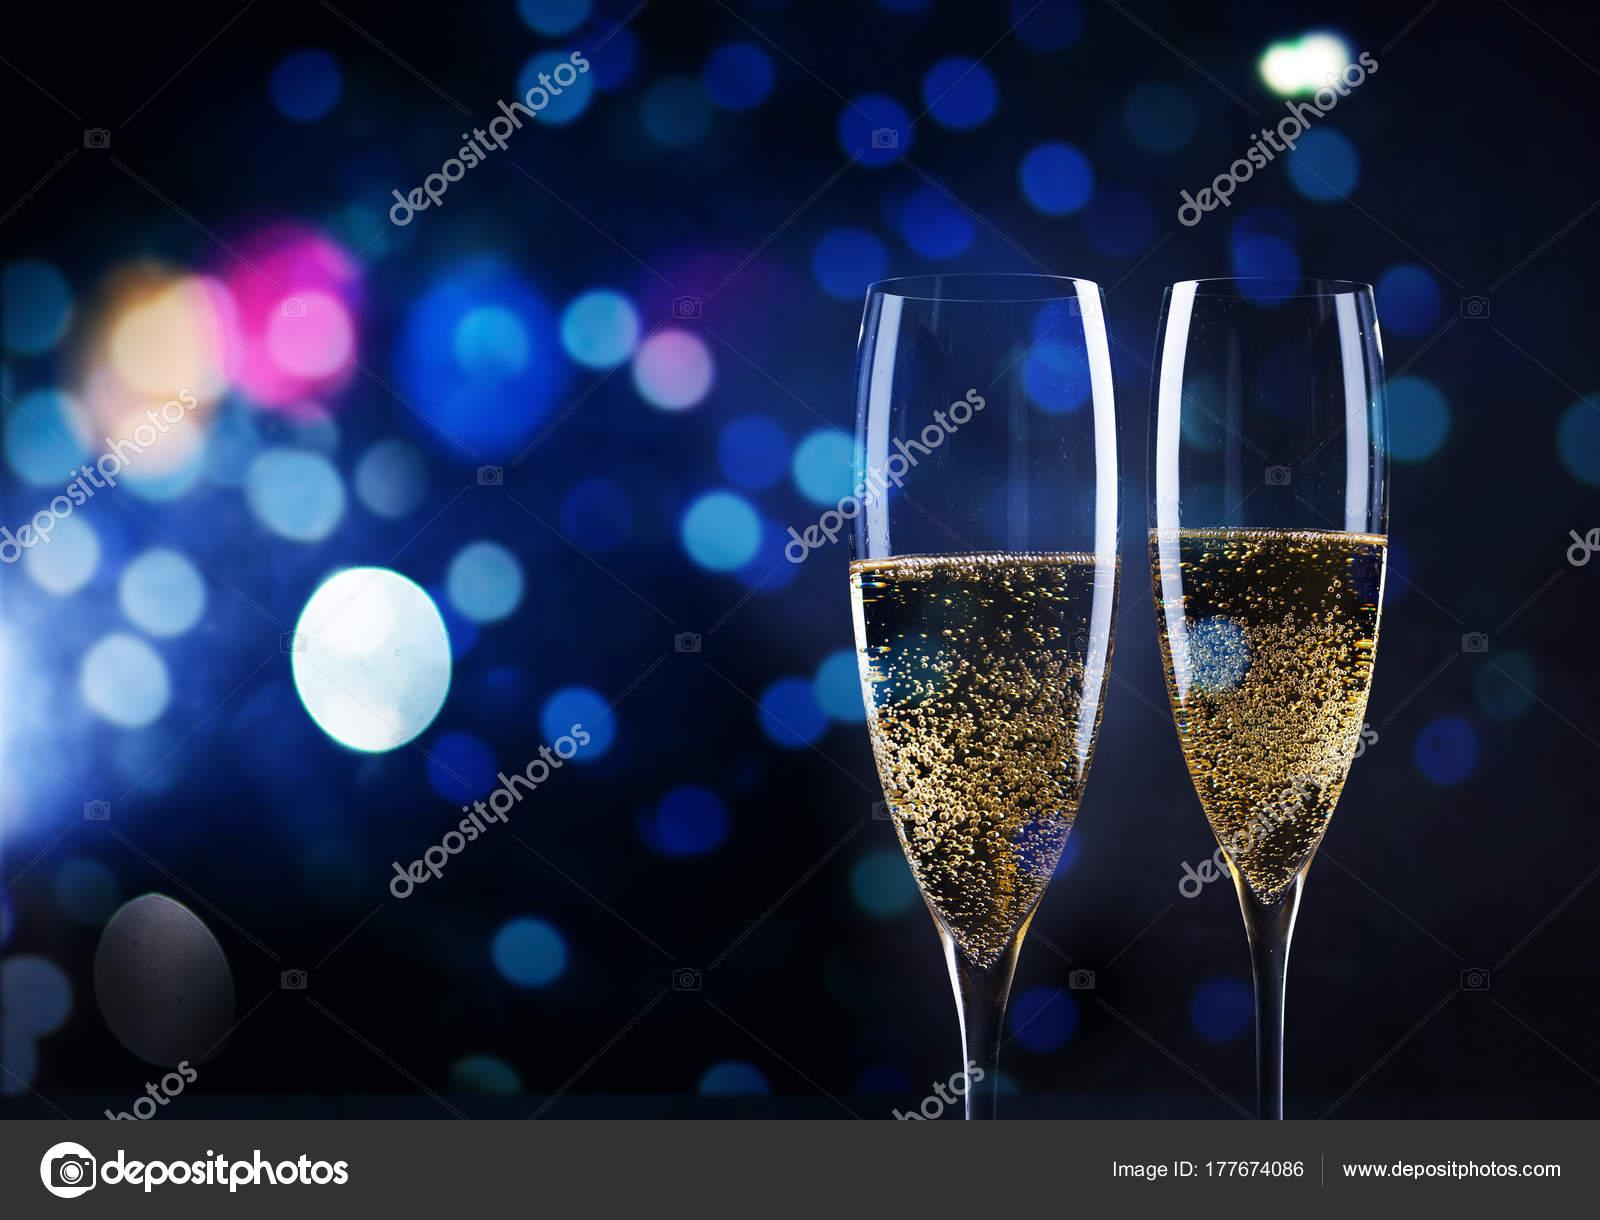 Brindando con copas de champagne contra luces de navidad y for Imagenes de copas brindando